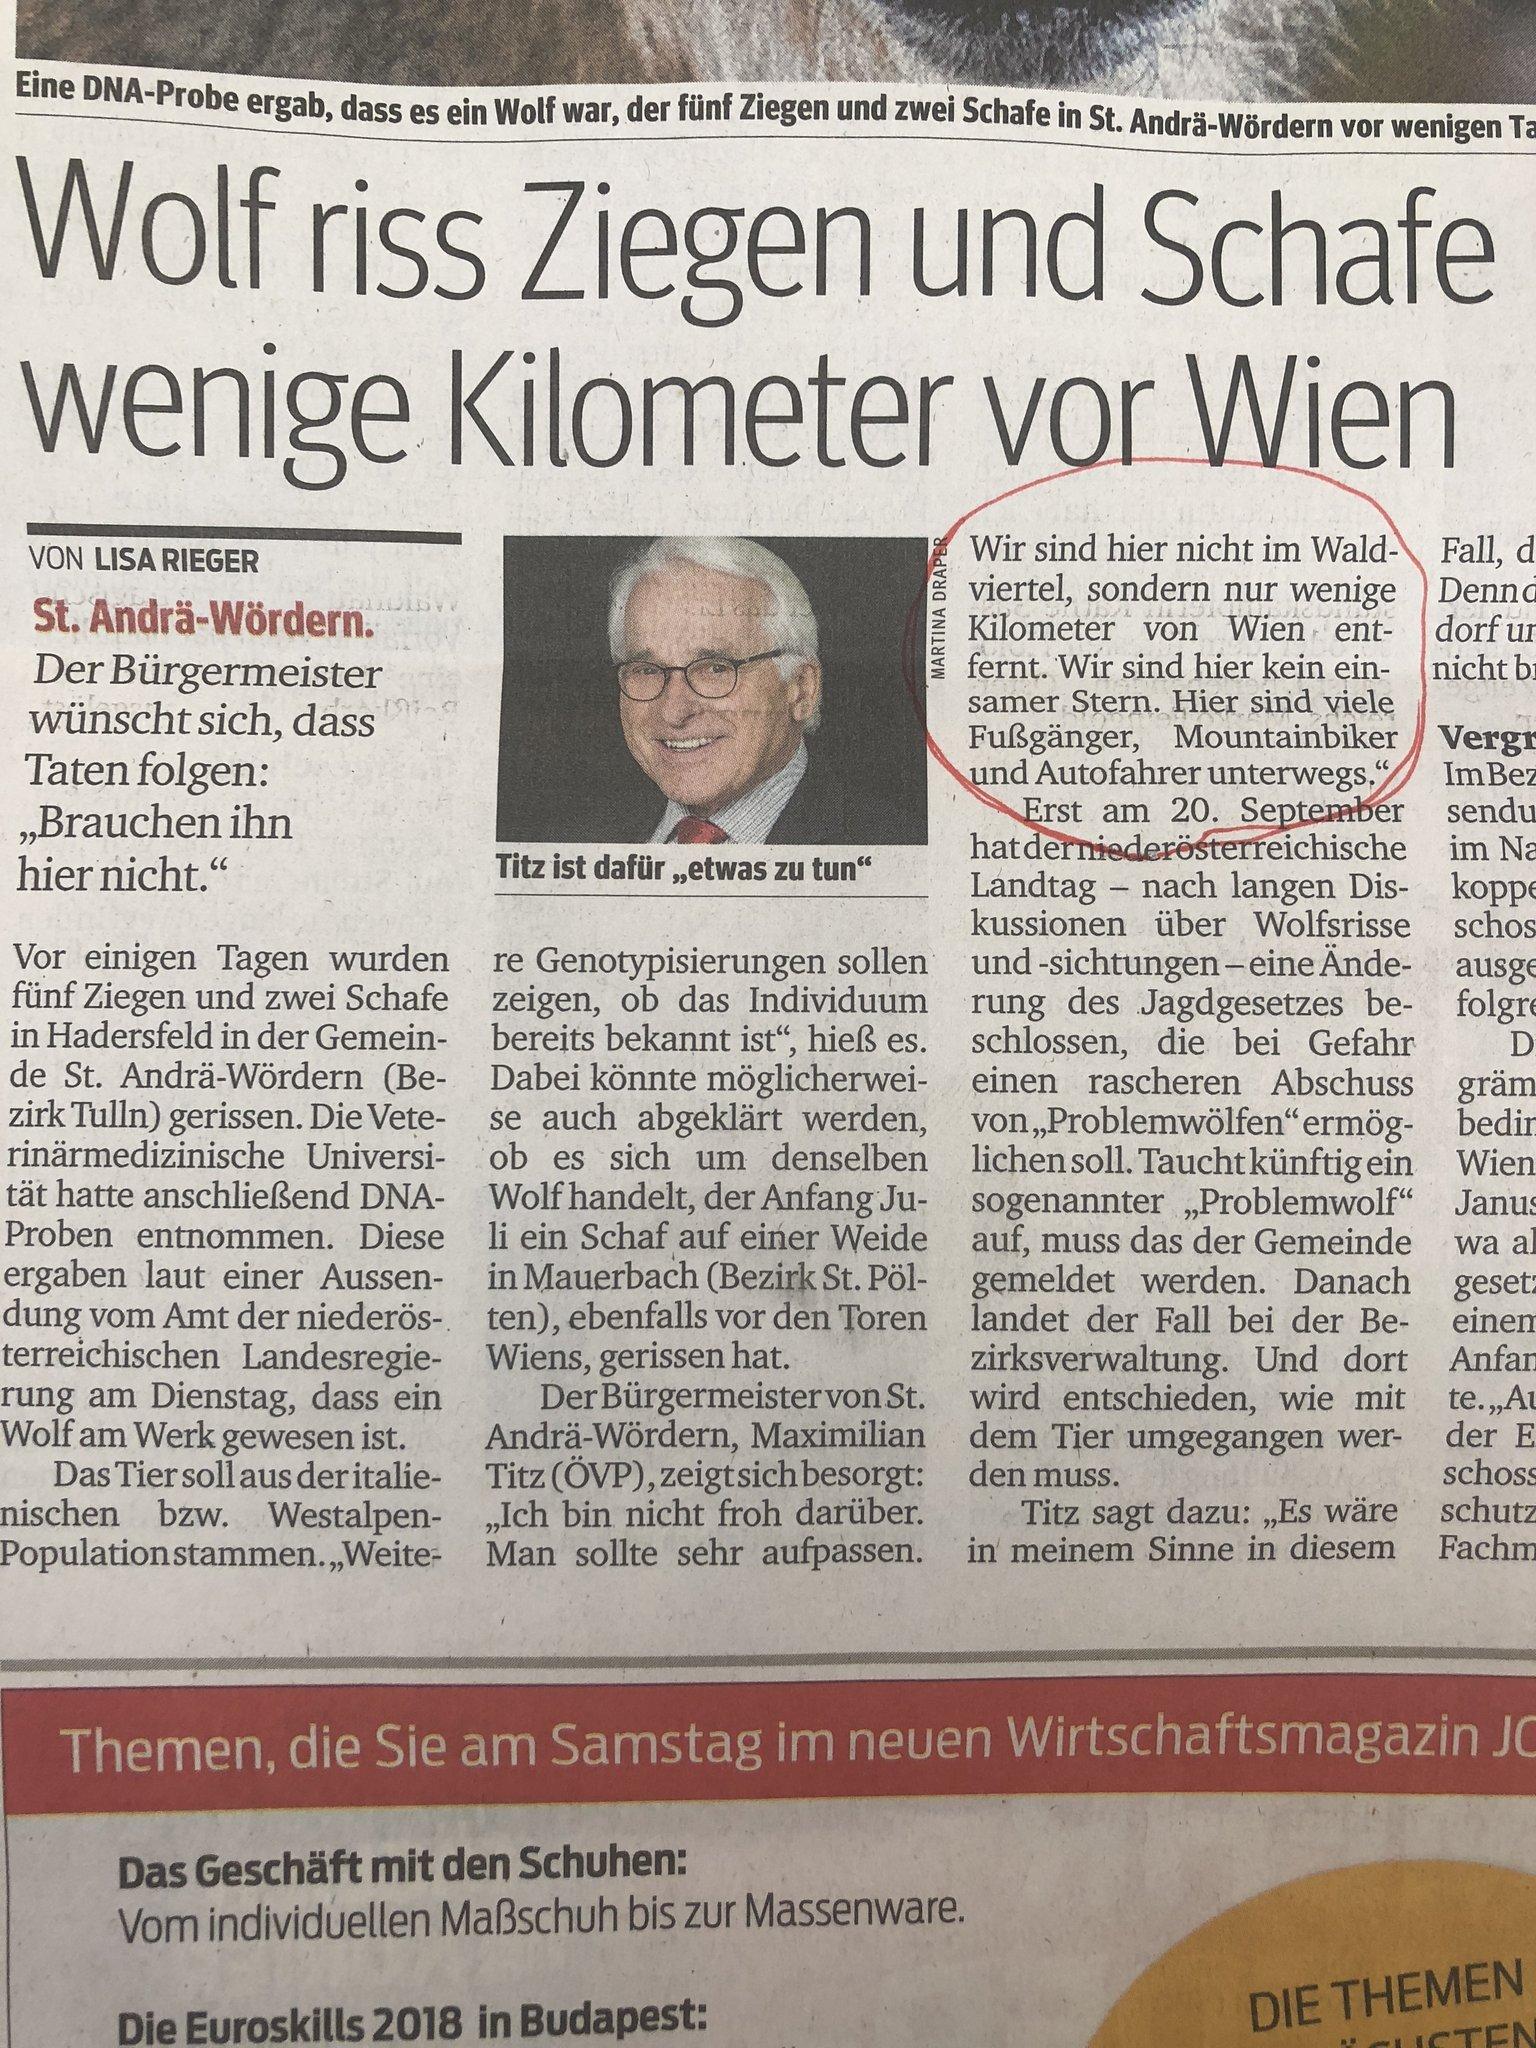 Kommentar: Schöne Grüße vom einsamen Stern, Herr Titz - Waidhofen/Thaya